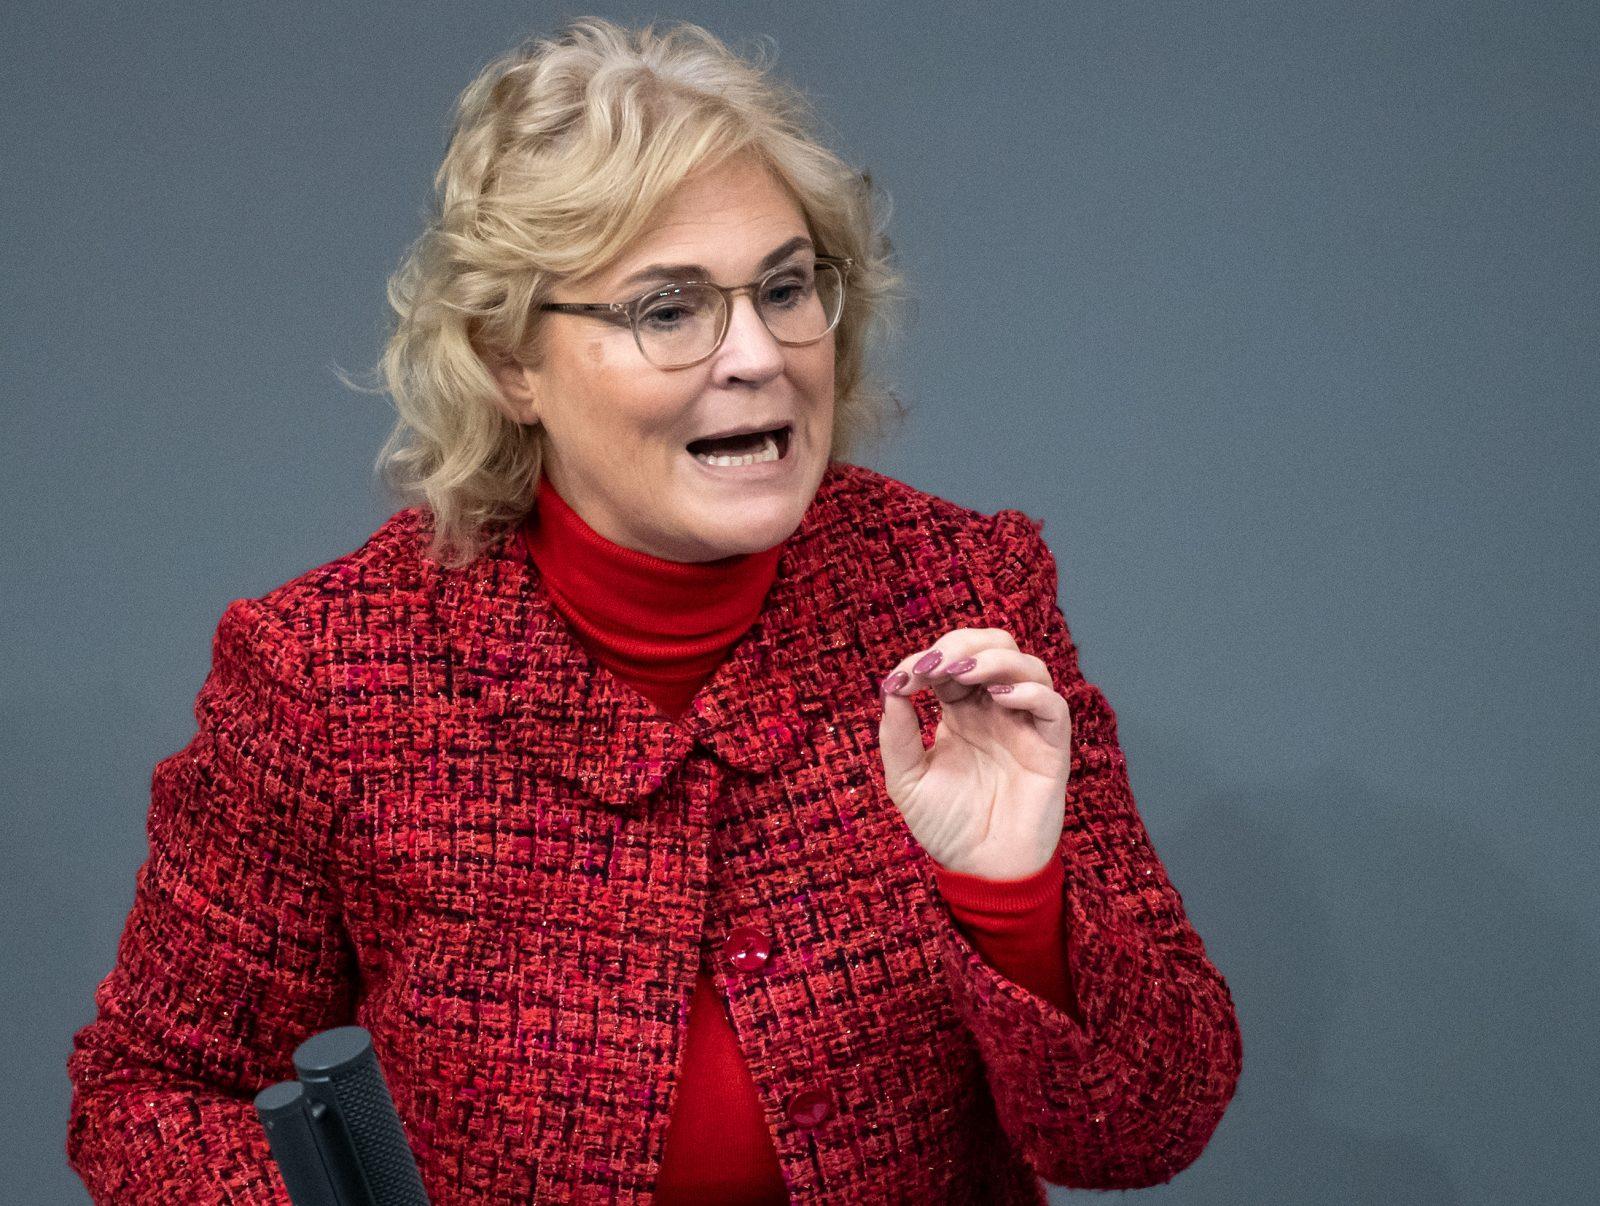 Justizministerin Christine Lambrecht (SPD): Die AfD trage eine Mitschuld an einer Zunahme von Rechtsextremismus in Deutschland